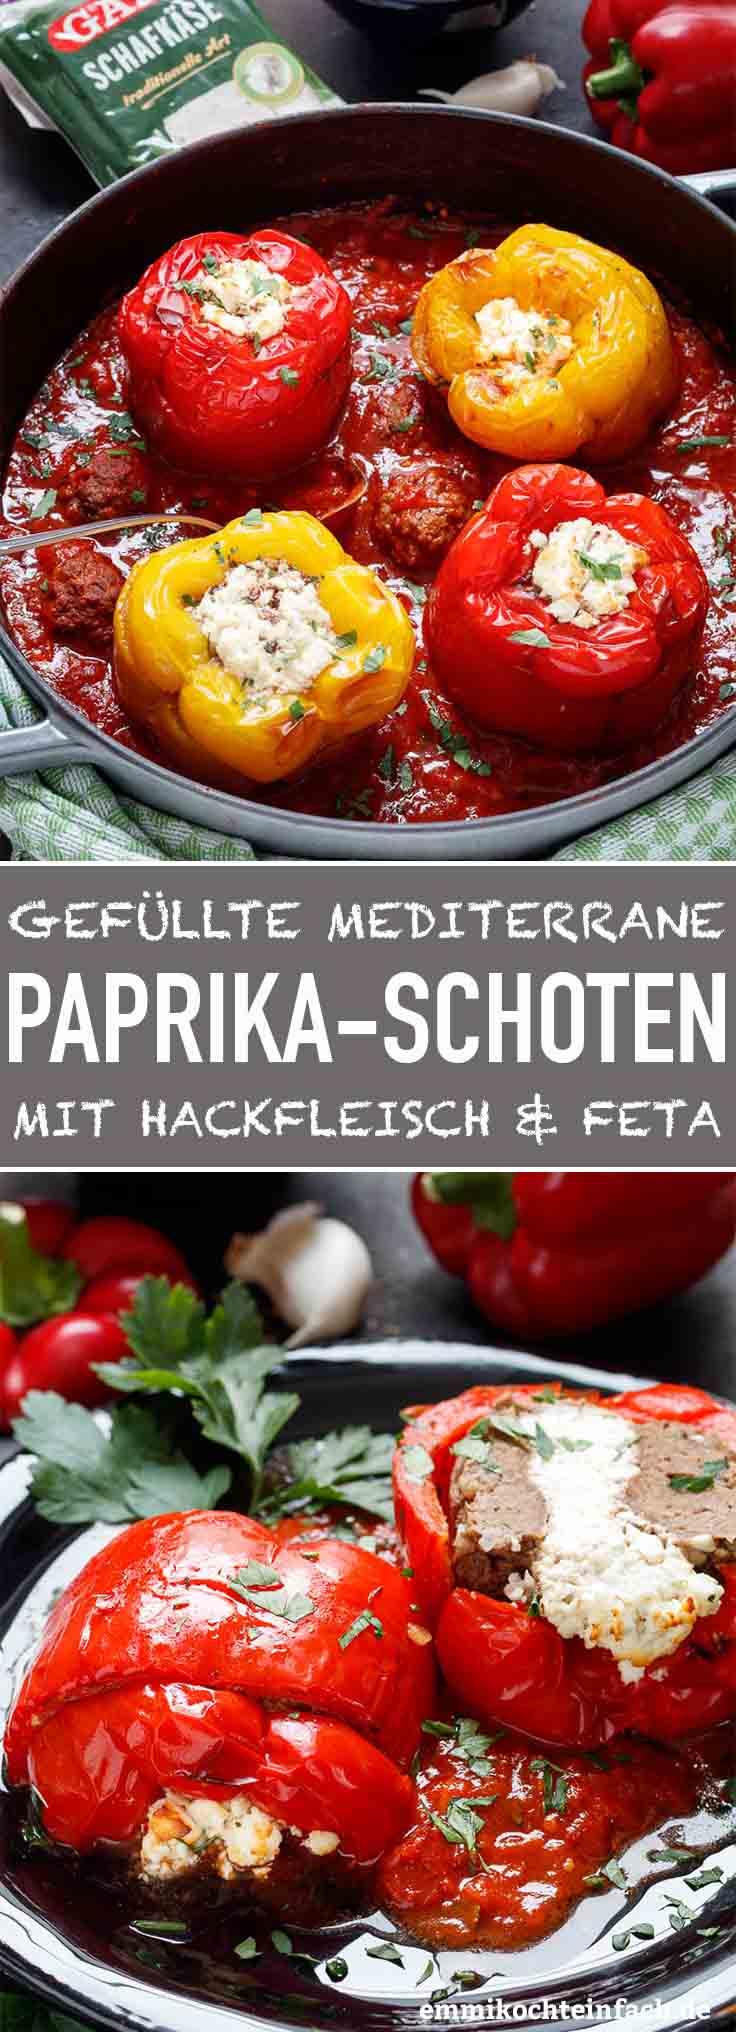 Gefüllte Paprikaschoten mediterran - www.emmikochteinfach.de